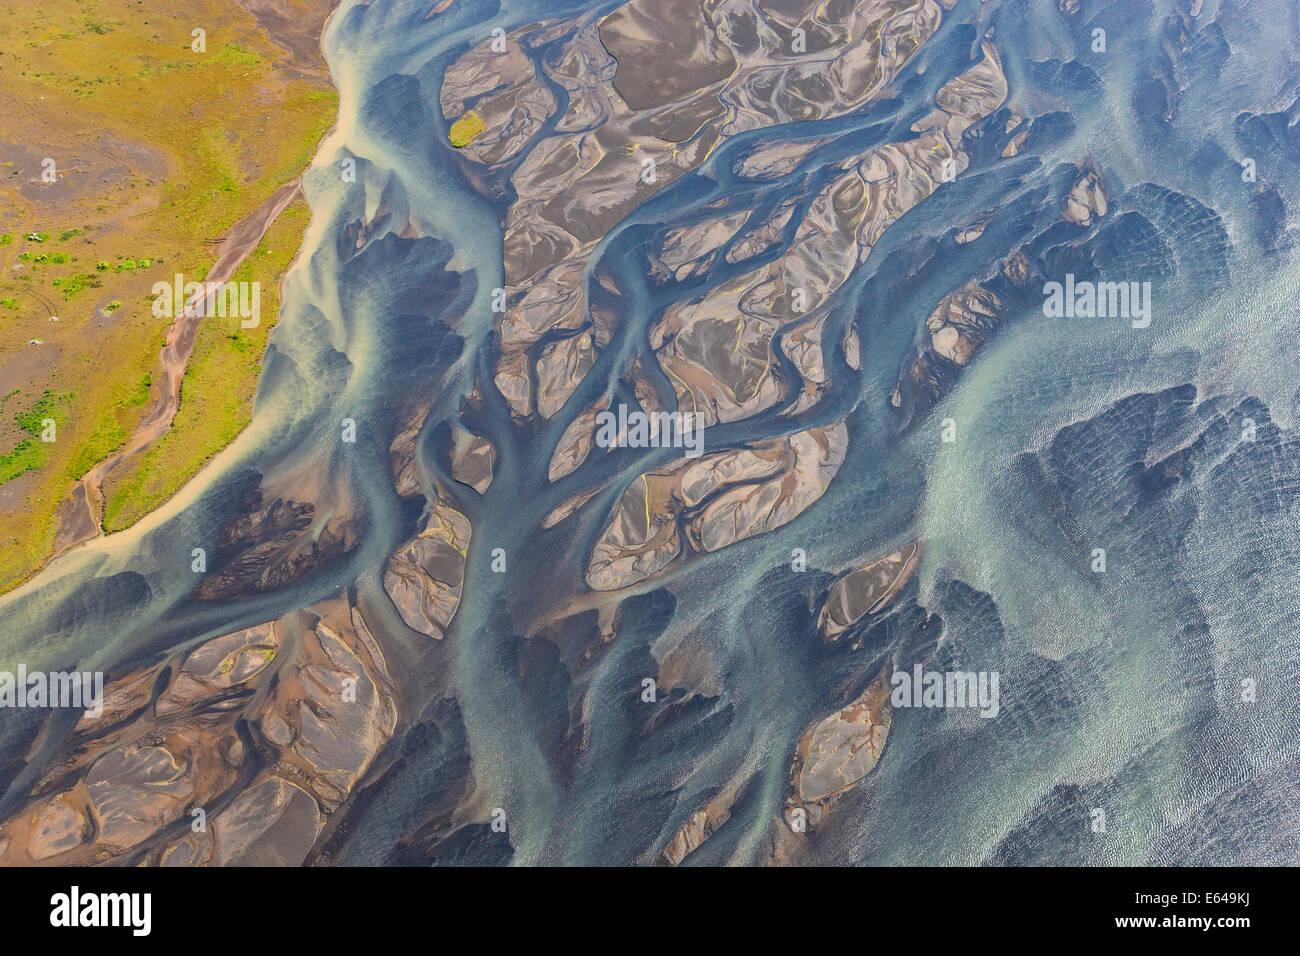 Luftaufnahme von Hosa Fluss durch Gletscherschmelze, SW Island gefärbt Stockbild